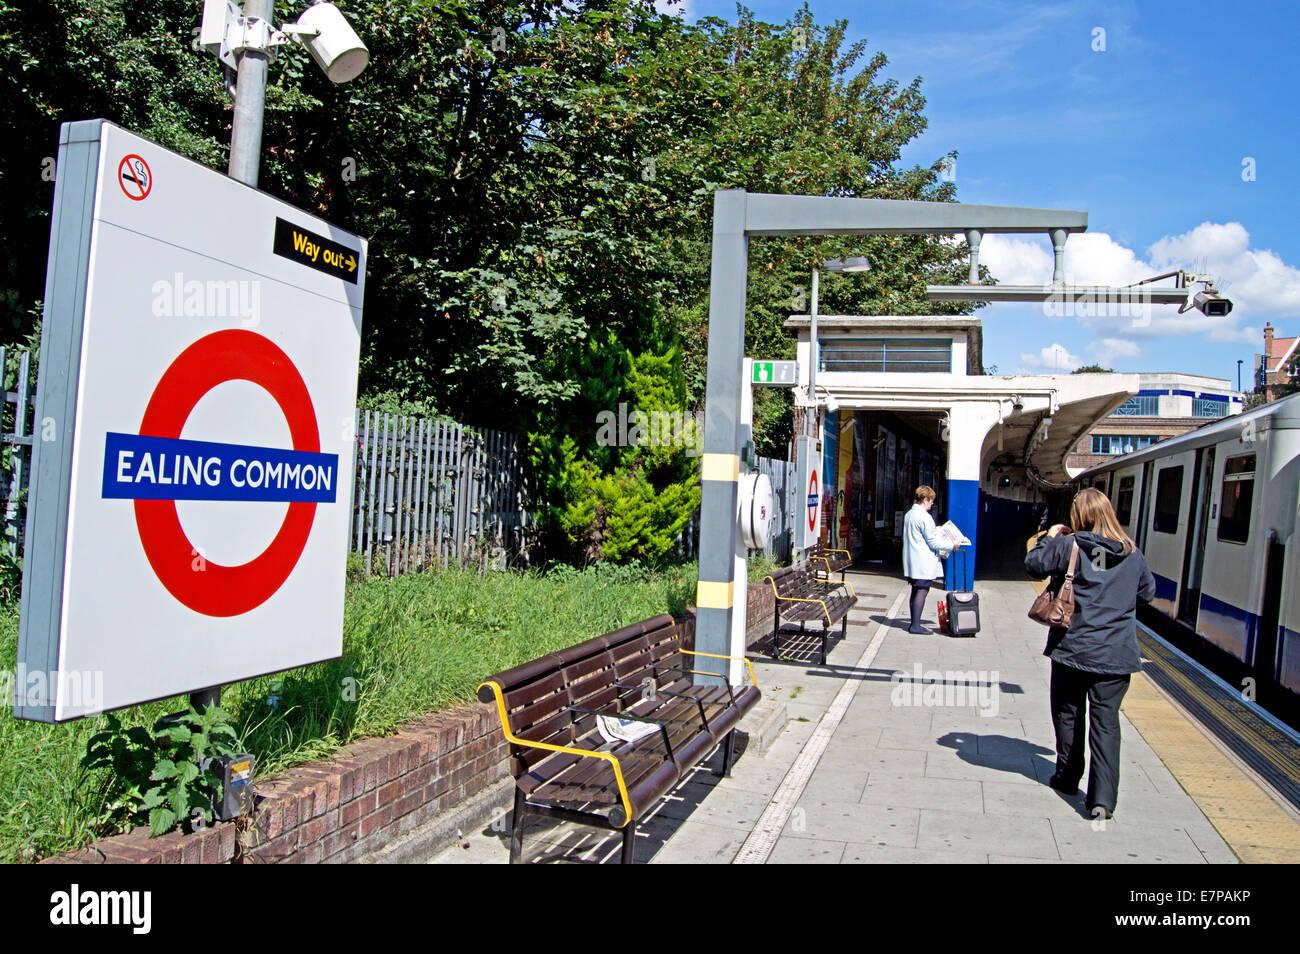 Ealing Common Underground Station, London Borough of Ealing, London, England, United Kingdom Stock Photo